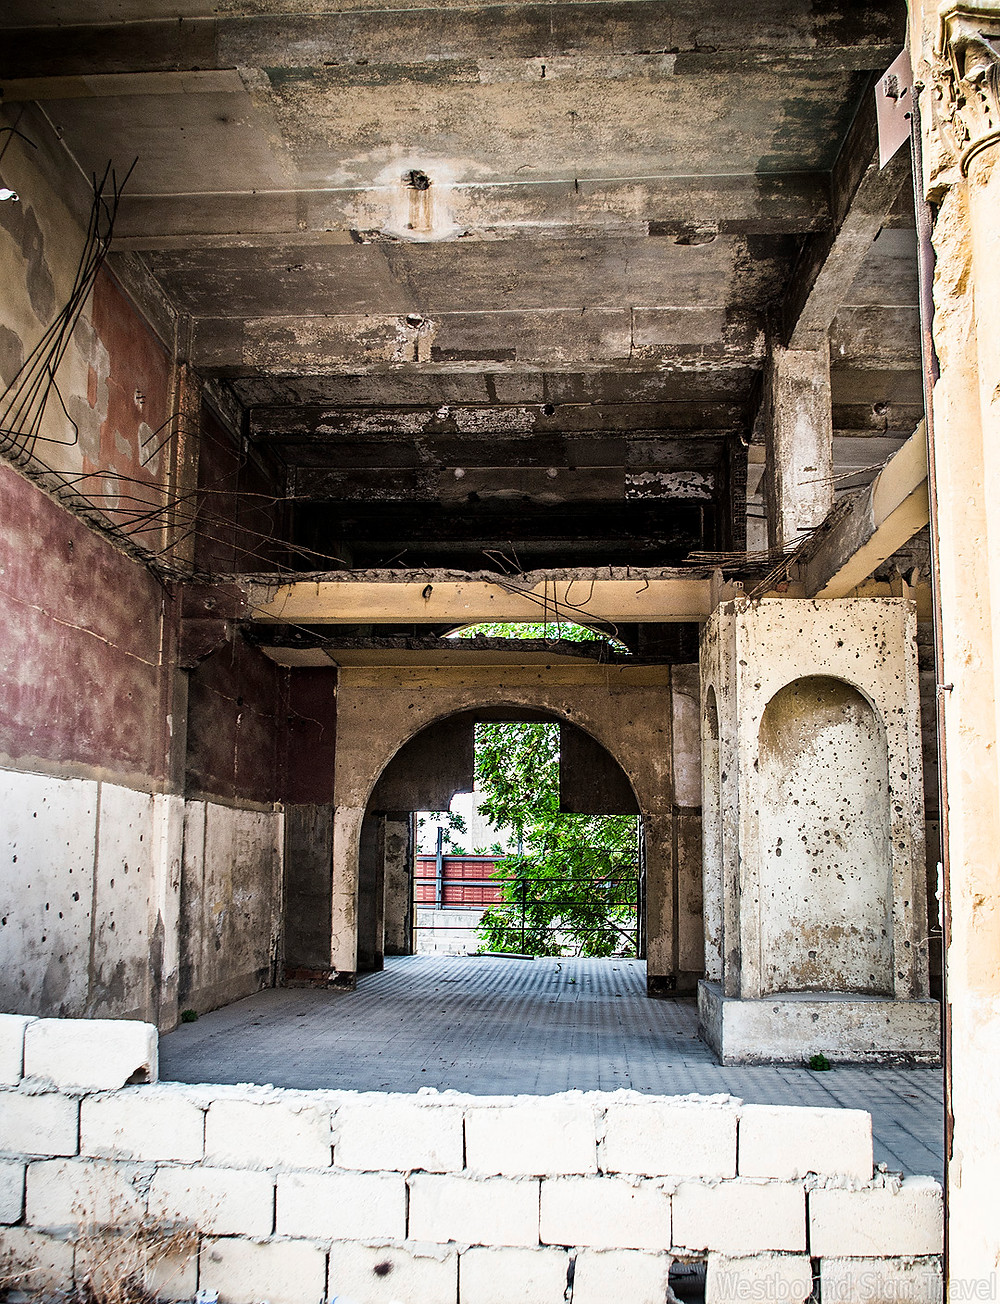 Ruined L'Orient Le Jour building at Beirut Souks